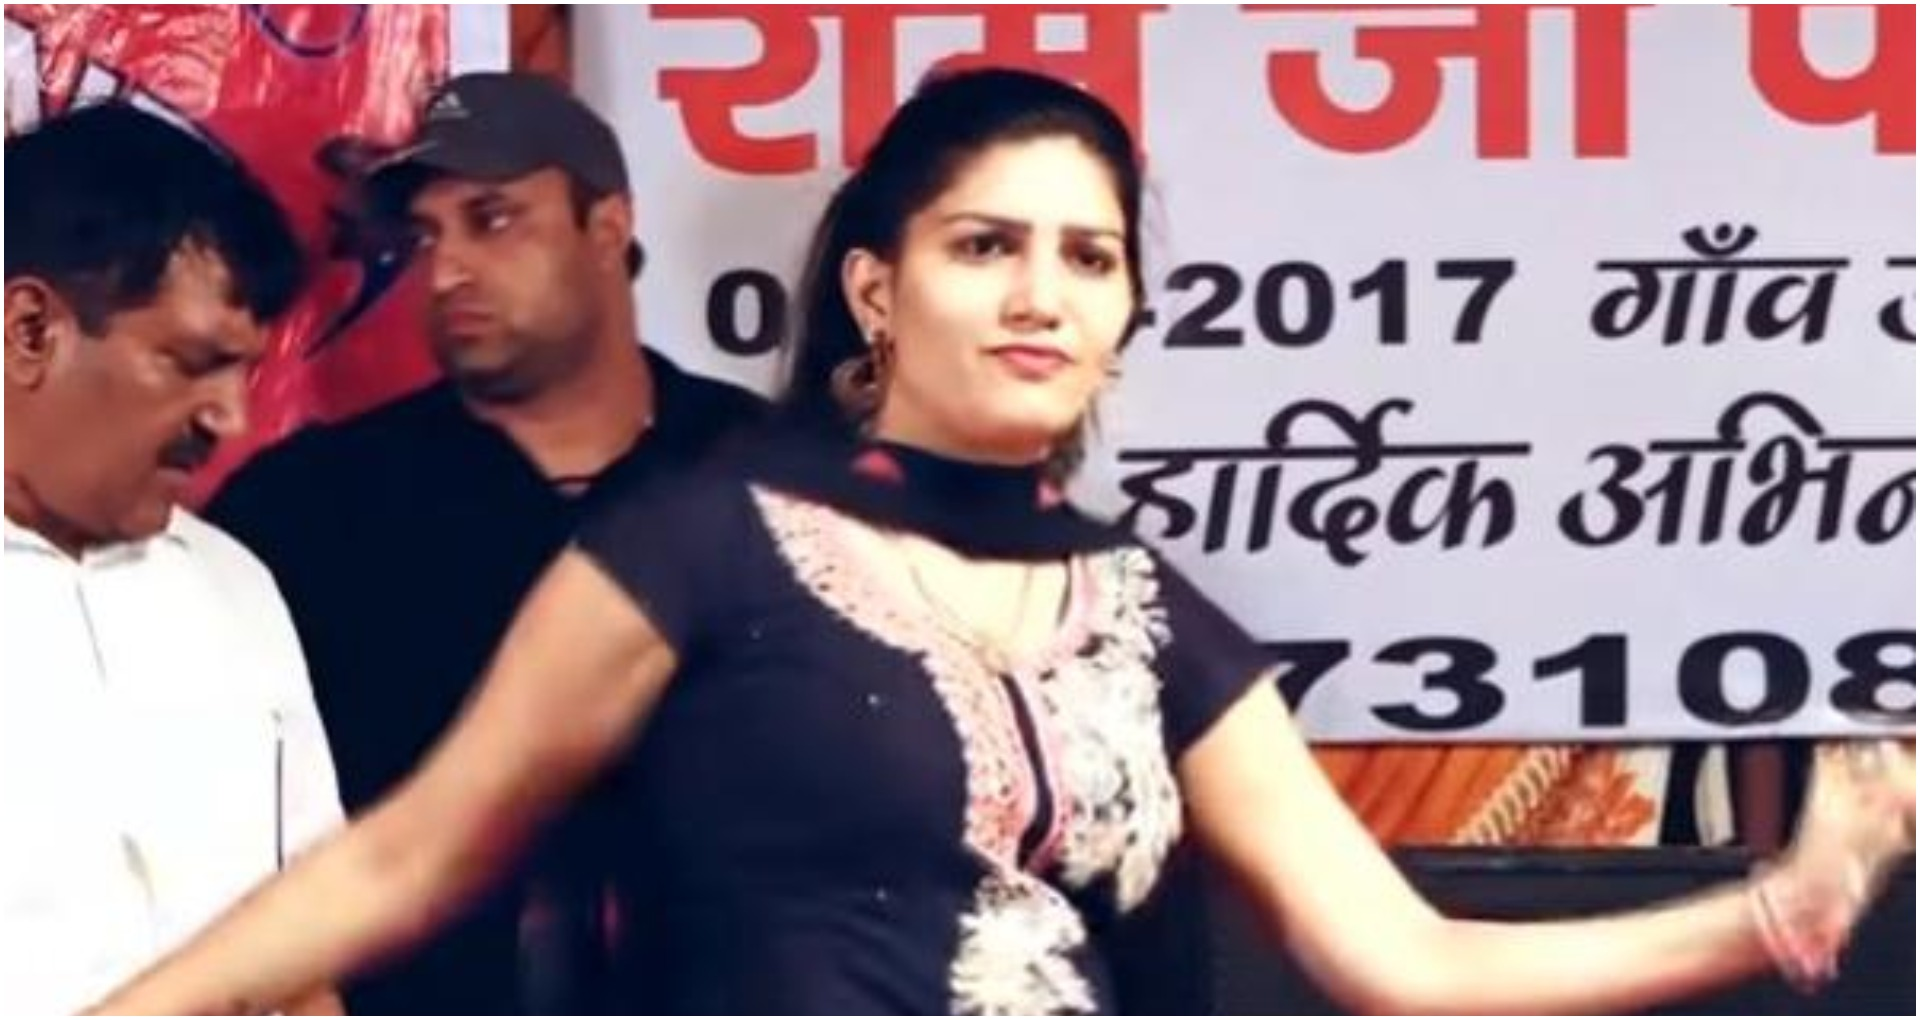 Sapna Chaudhary Haryanvi Song: सपना चौधरी ने स्टेज पर किया धमाकेदार डांस! बार-बार देखा जा रहा Video